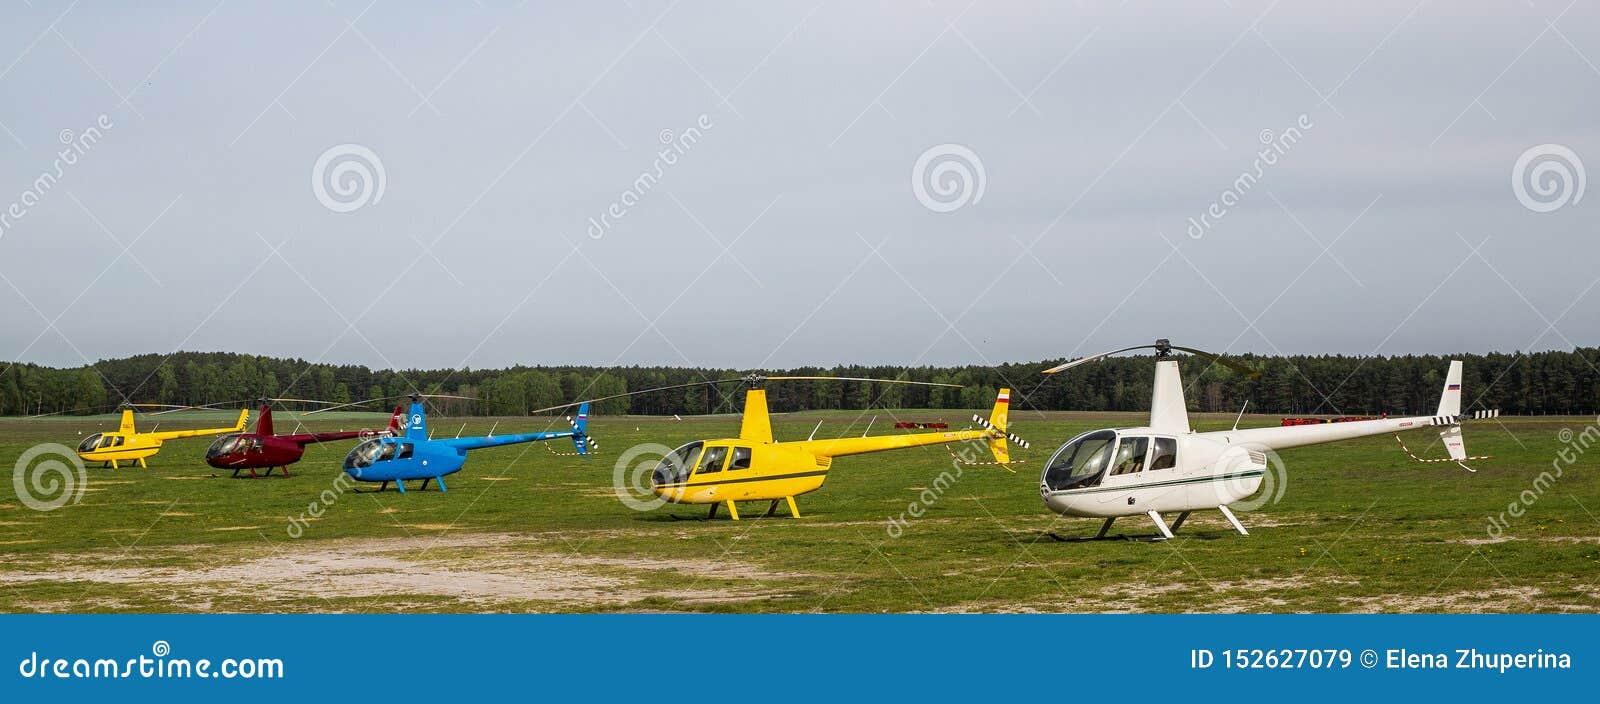 Cinque elicotteri multicolori sul campo di decollo